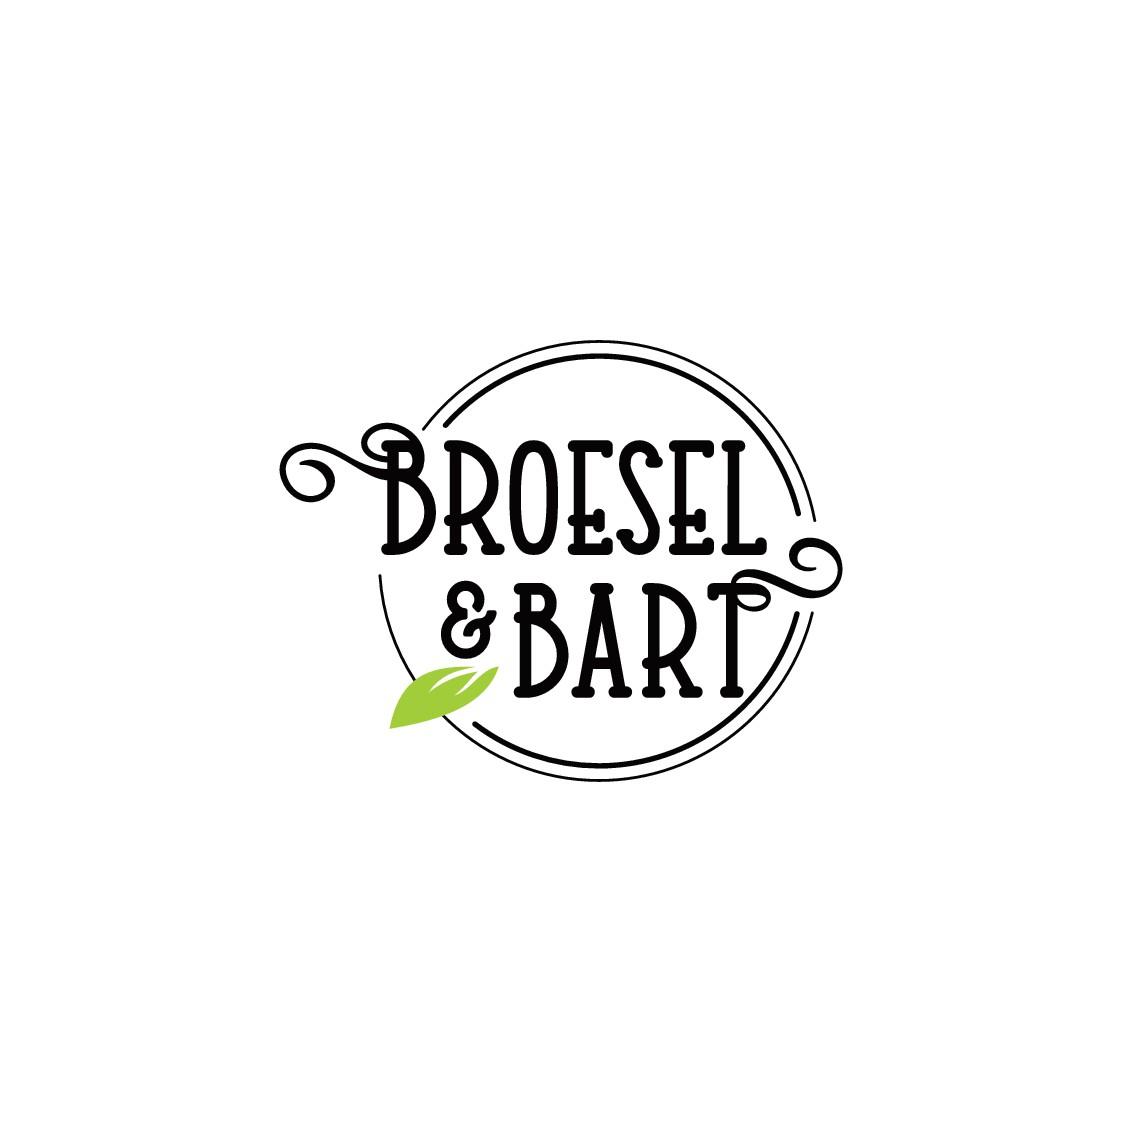 Broesel und Bart freut sich auf ein aussagekräftiges Logo